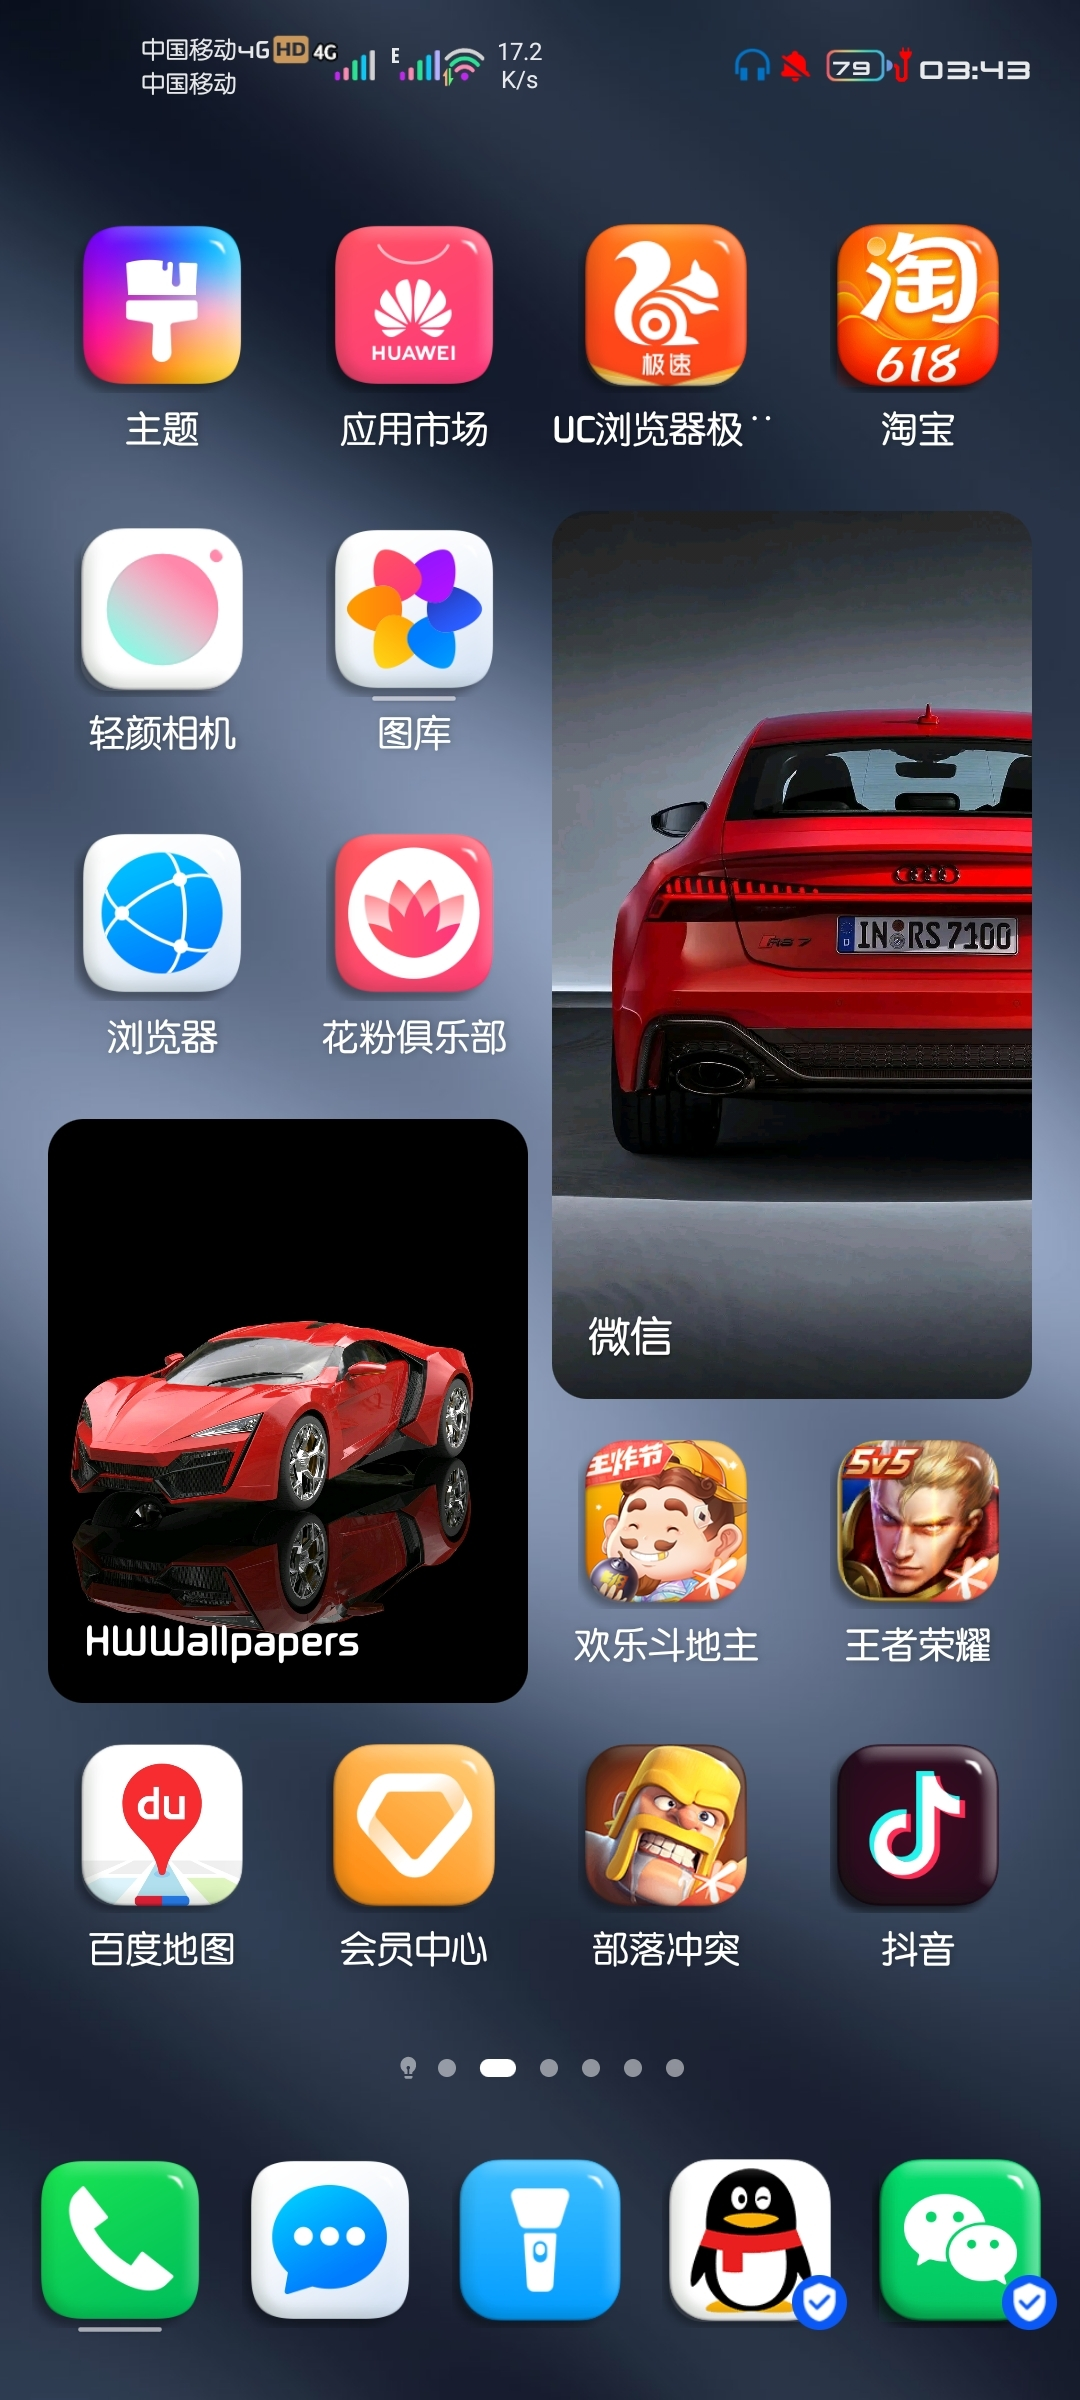 Screenshot_20210615_034355_com.huawei.android.launcher.jpg